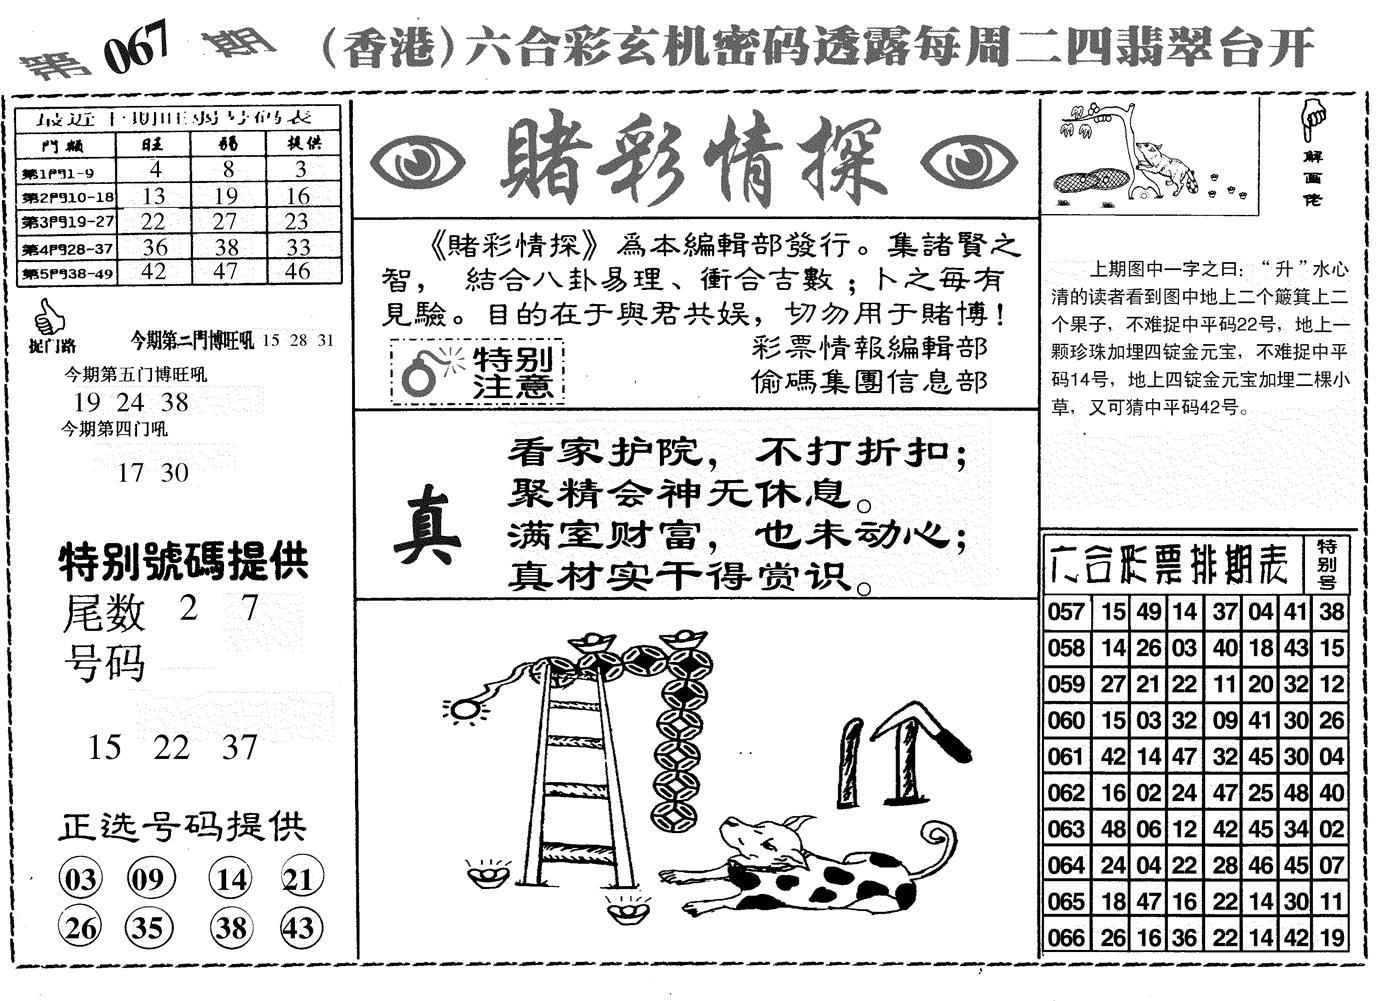 067期堵彩情探(黑白)